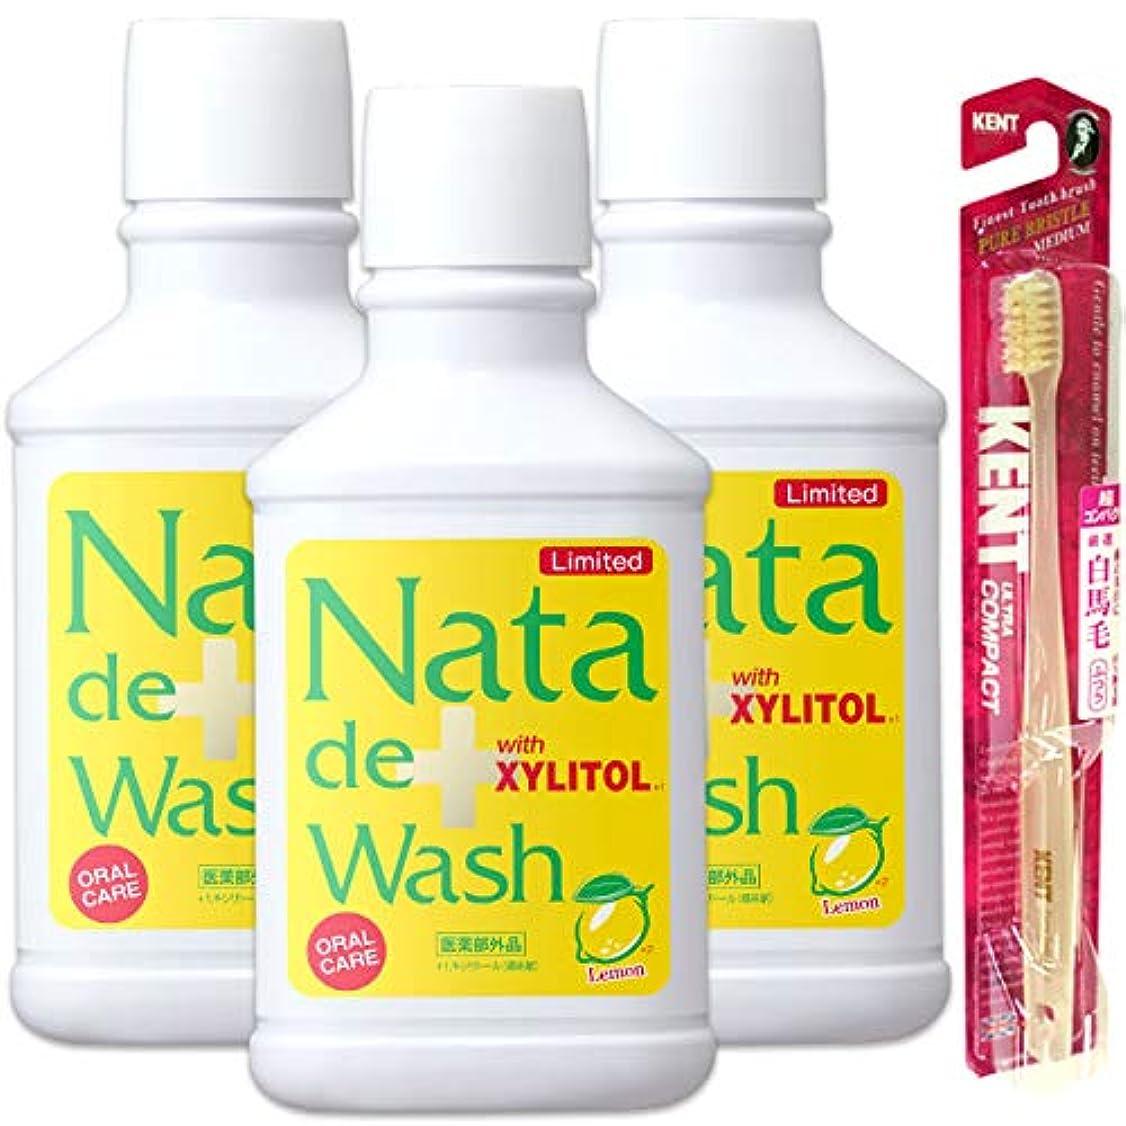 タンパク質性能トランジスタ薬用ナタデウォッシュ 限定レモンタイプ 500ml 3本& KENT歯ブラシ1本プレゼント